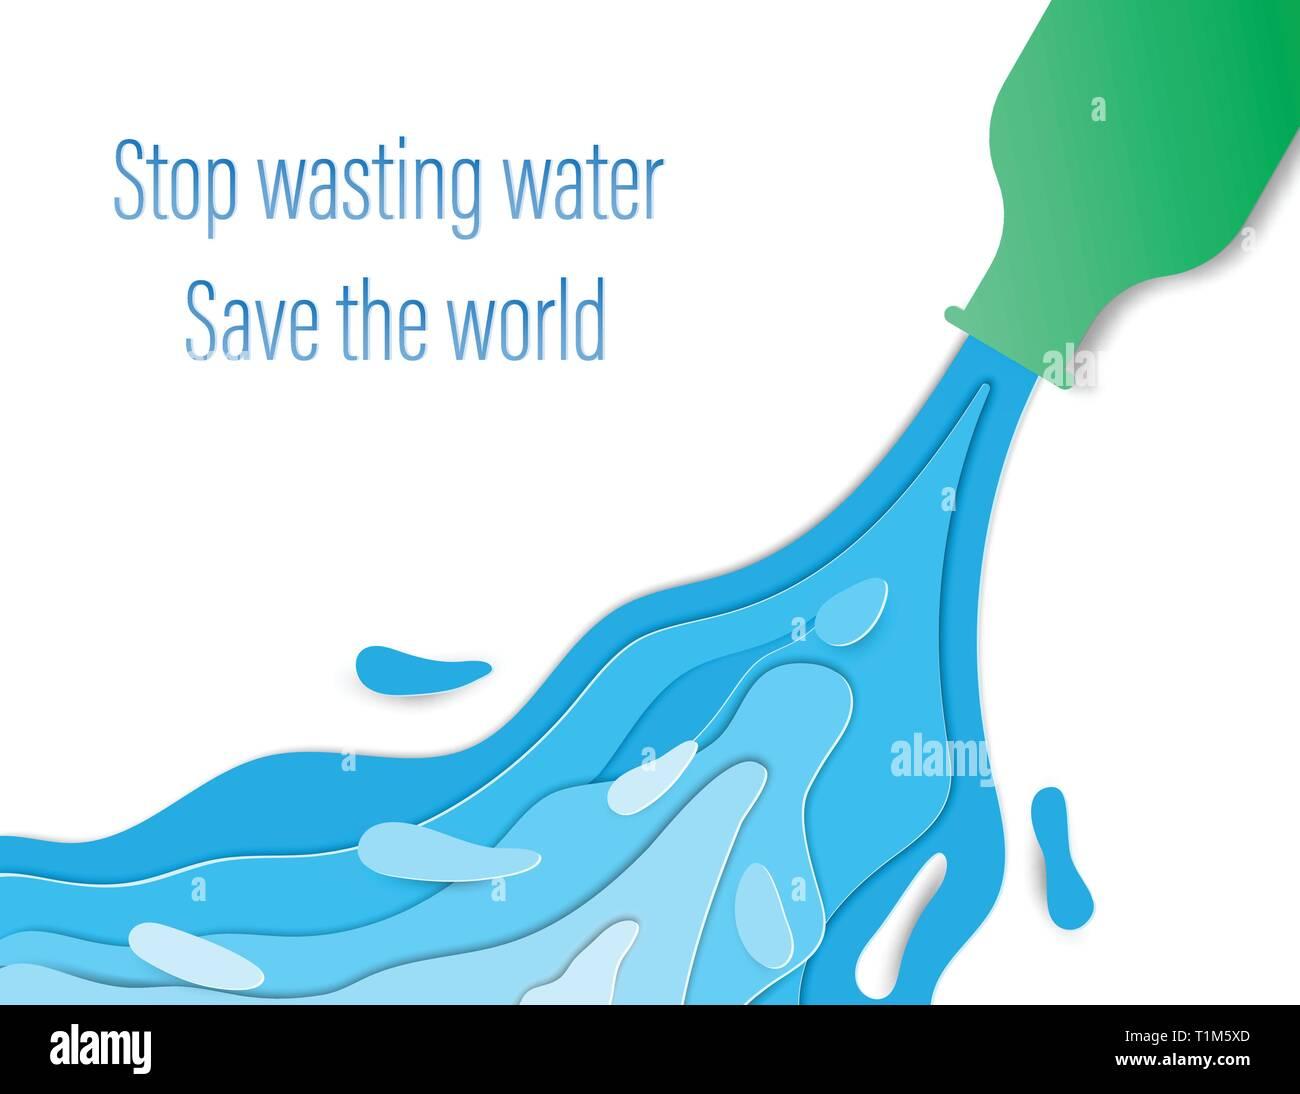 La reducción del consumo de agua derroche concepto. El agua que fluye de las botellas verdes. Y hay una gran cantidad de agua que fluye sobre fondo marrón. Digital Ilustración del Vector